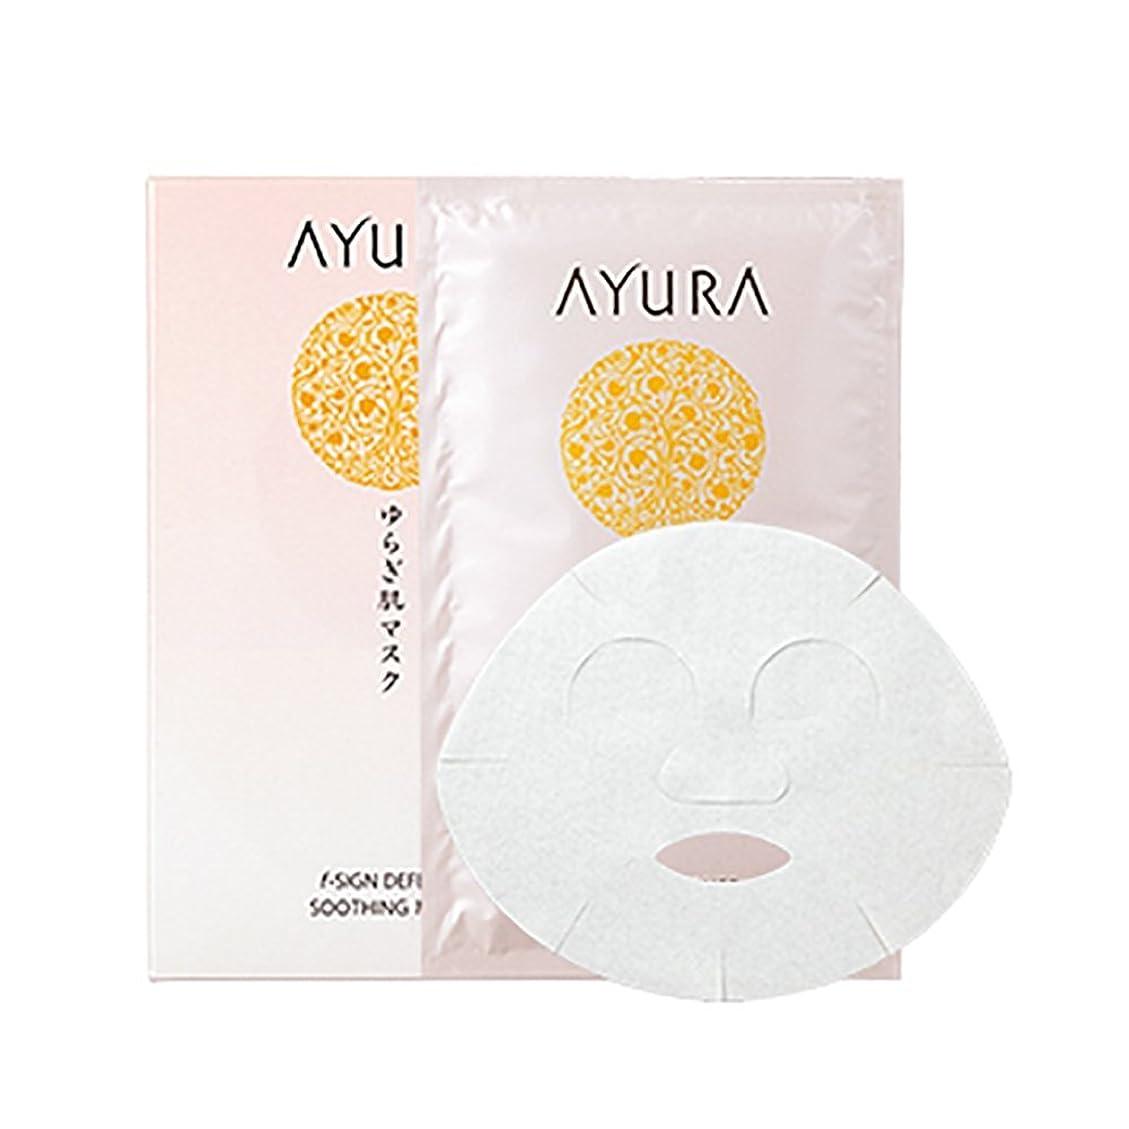 放散するスキッパー肌寒いアユーラ (AYURA) fサインディフェンス スージングマスク 17mL×7枚入 〈ゆらぎ肌 敏感肌用 マスク〉